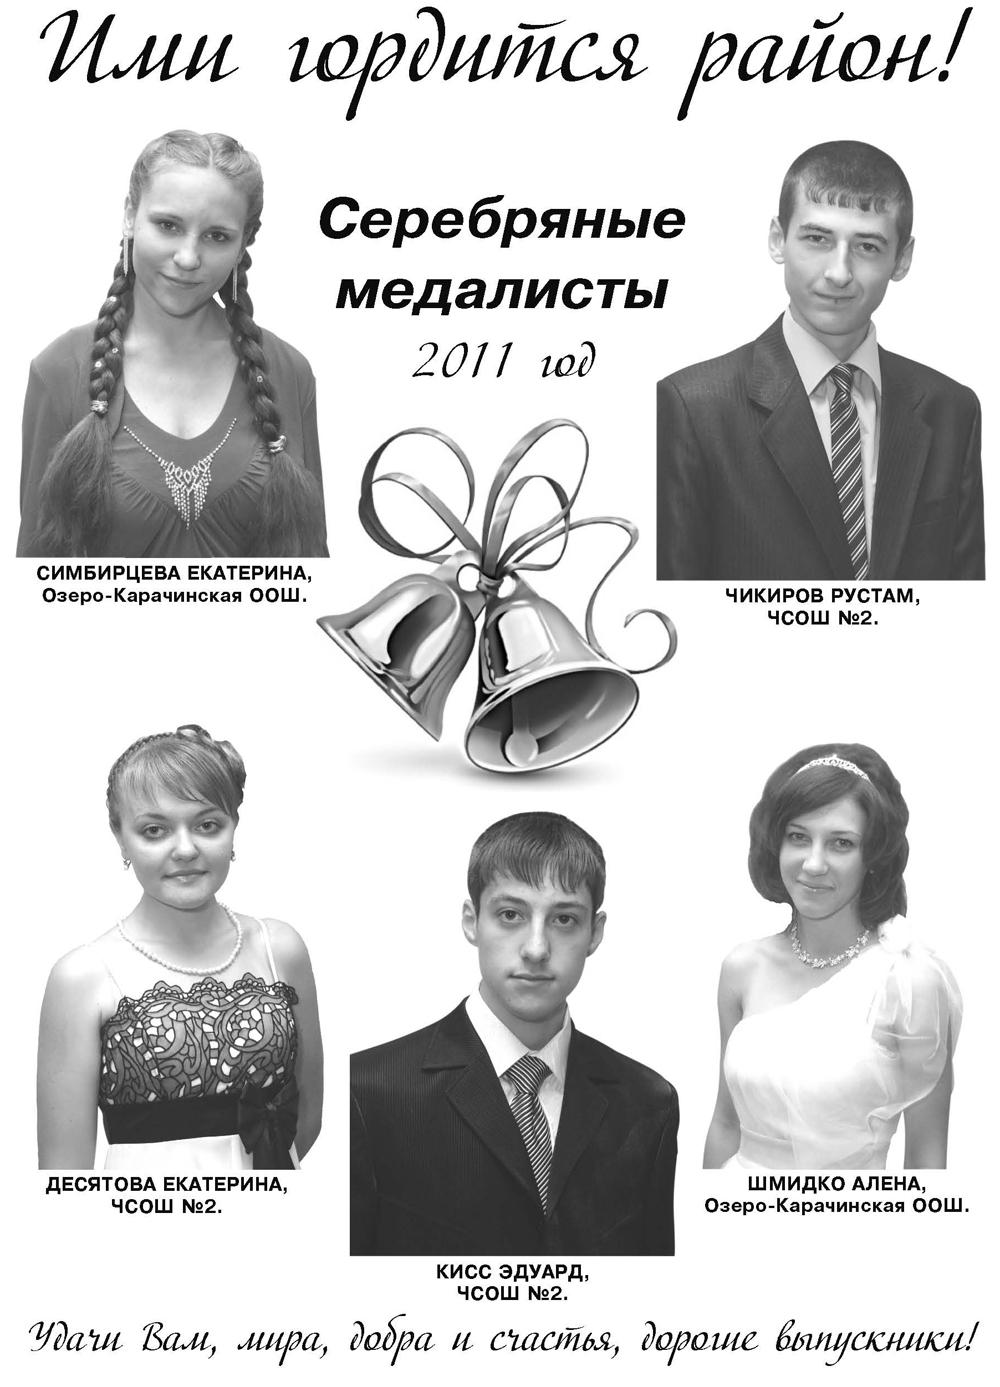 медалисты - 2011-2